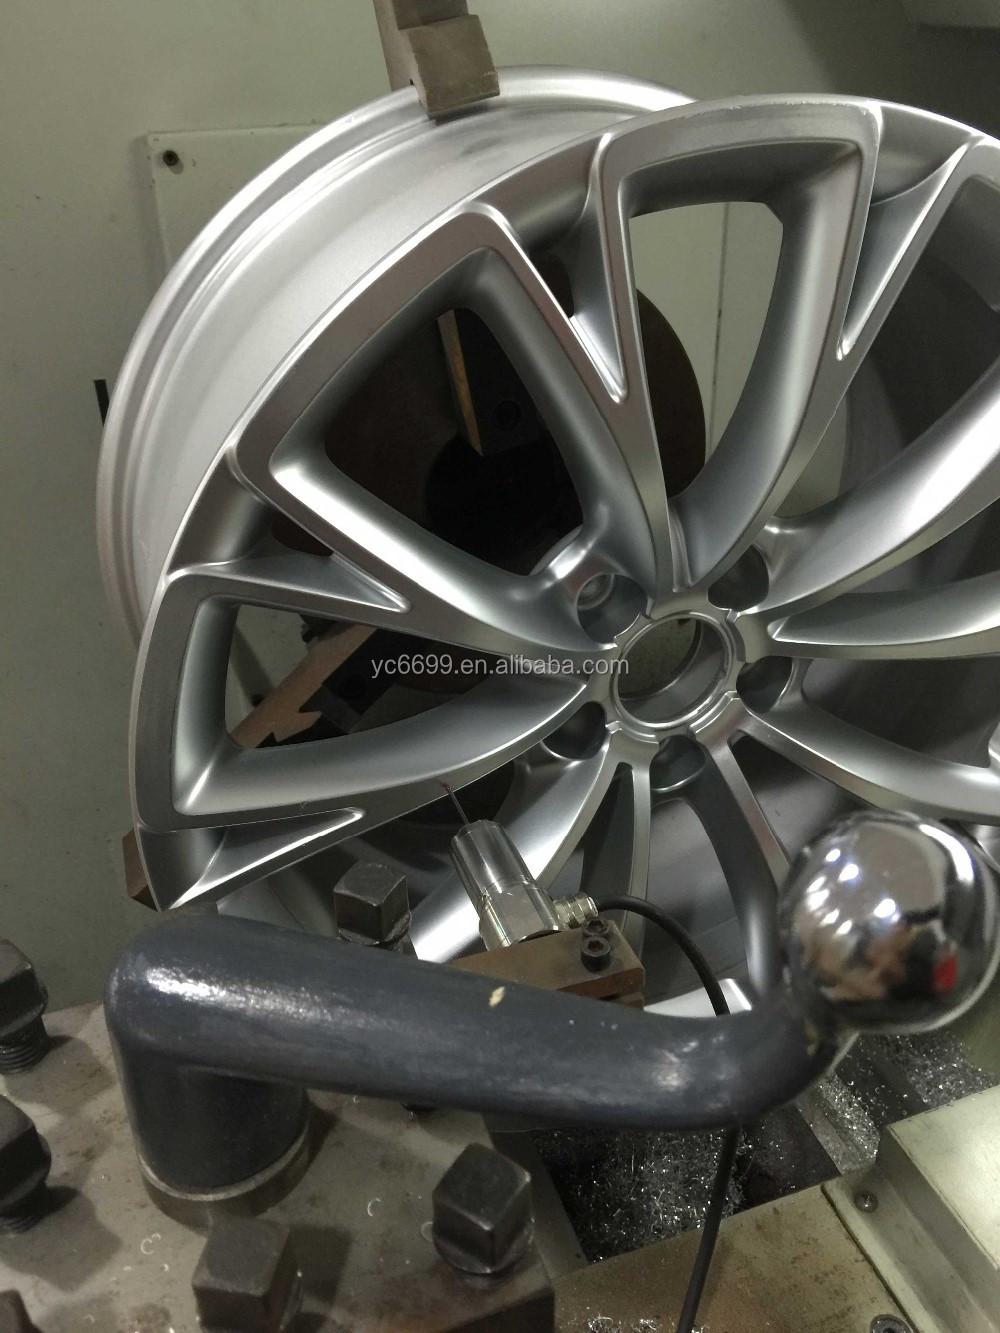 Ontdek De Fabrikant Aluminium Velgen Reparatie Machine Van